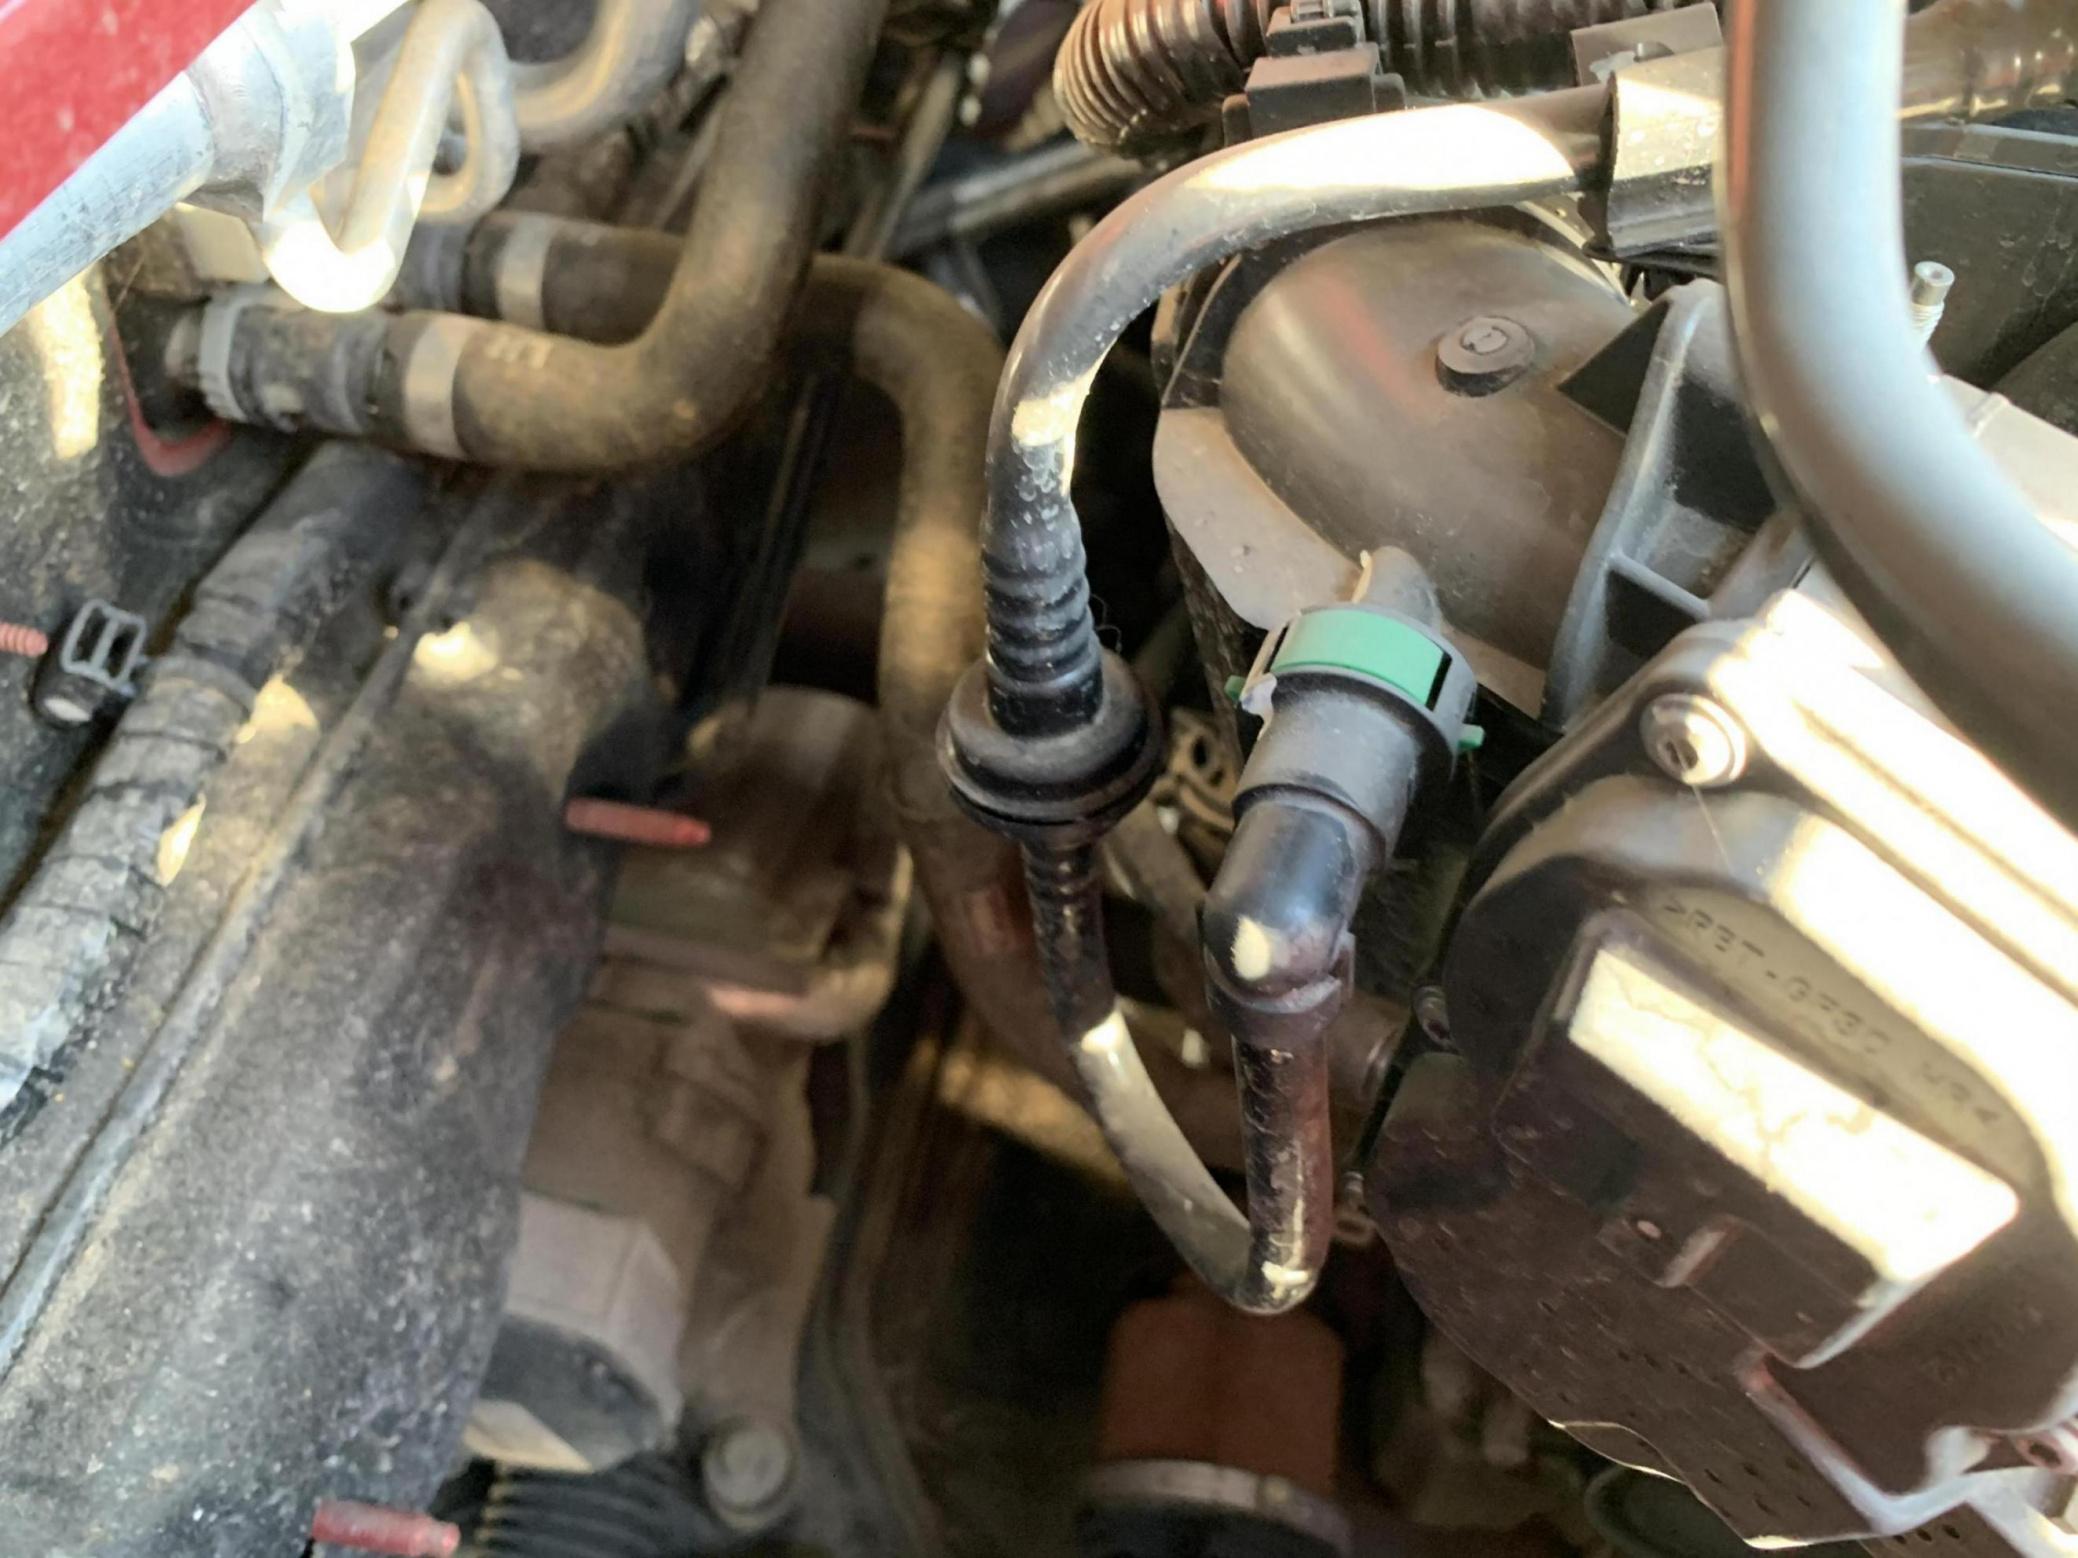 Turbosmart Dual Port TS-0203-1065-881a0bd7-e545-4859-b4bf-366717286407_1571335479874.jpg